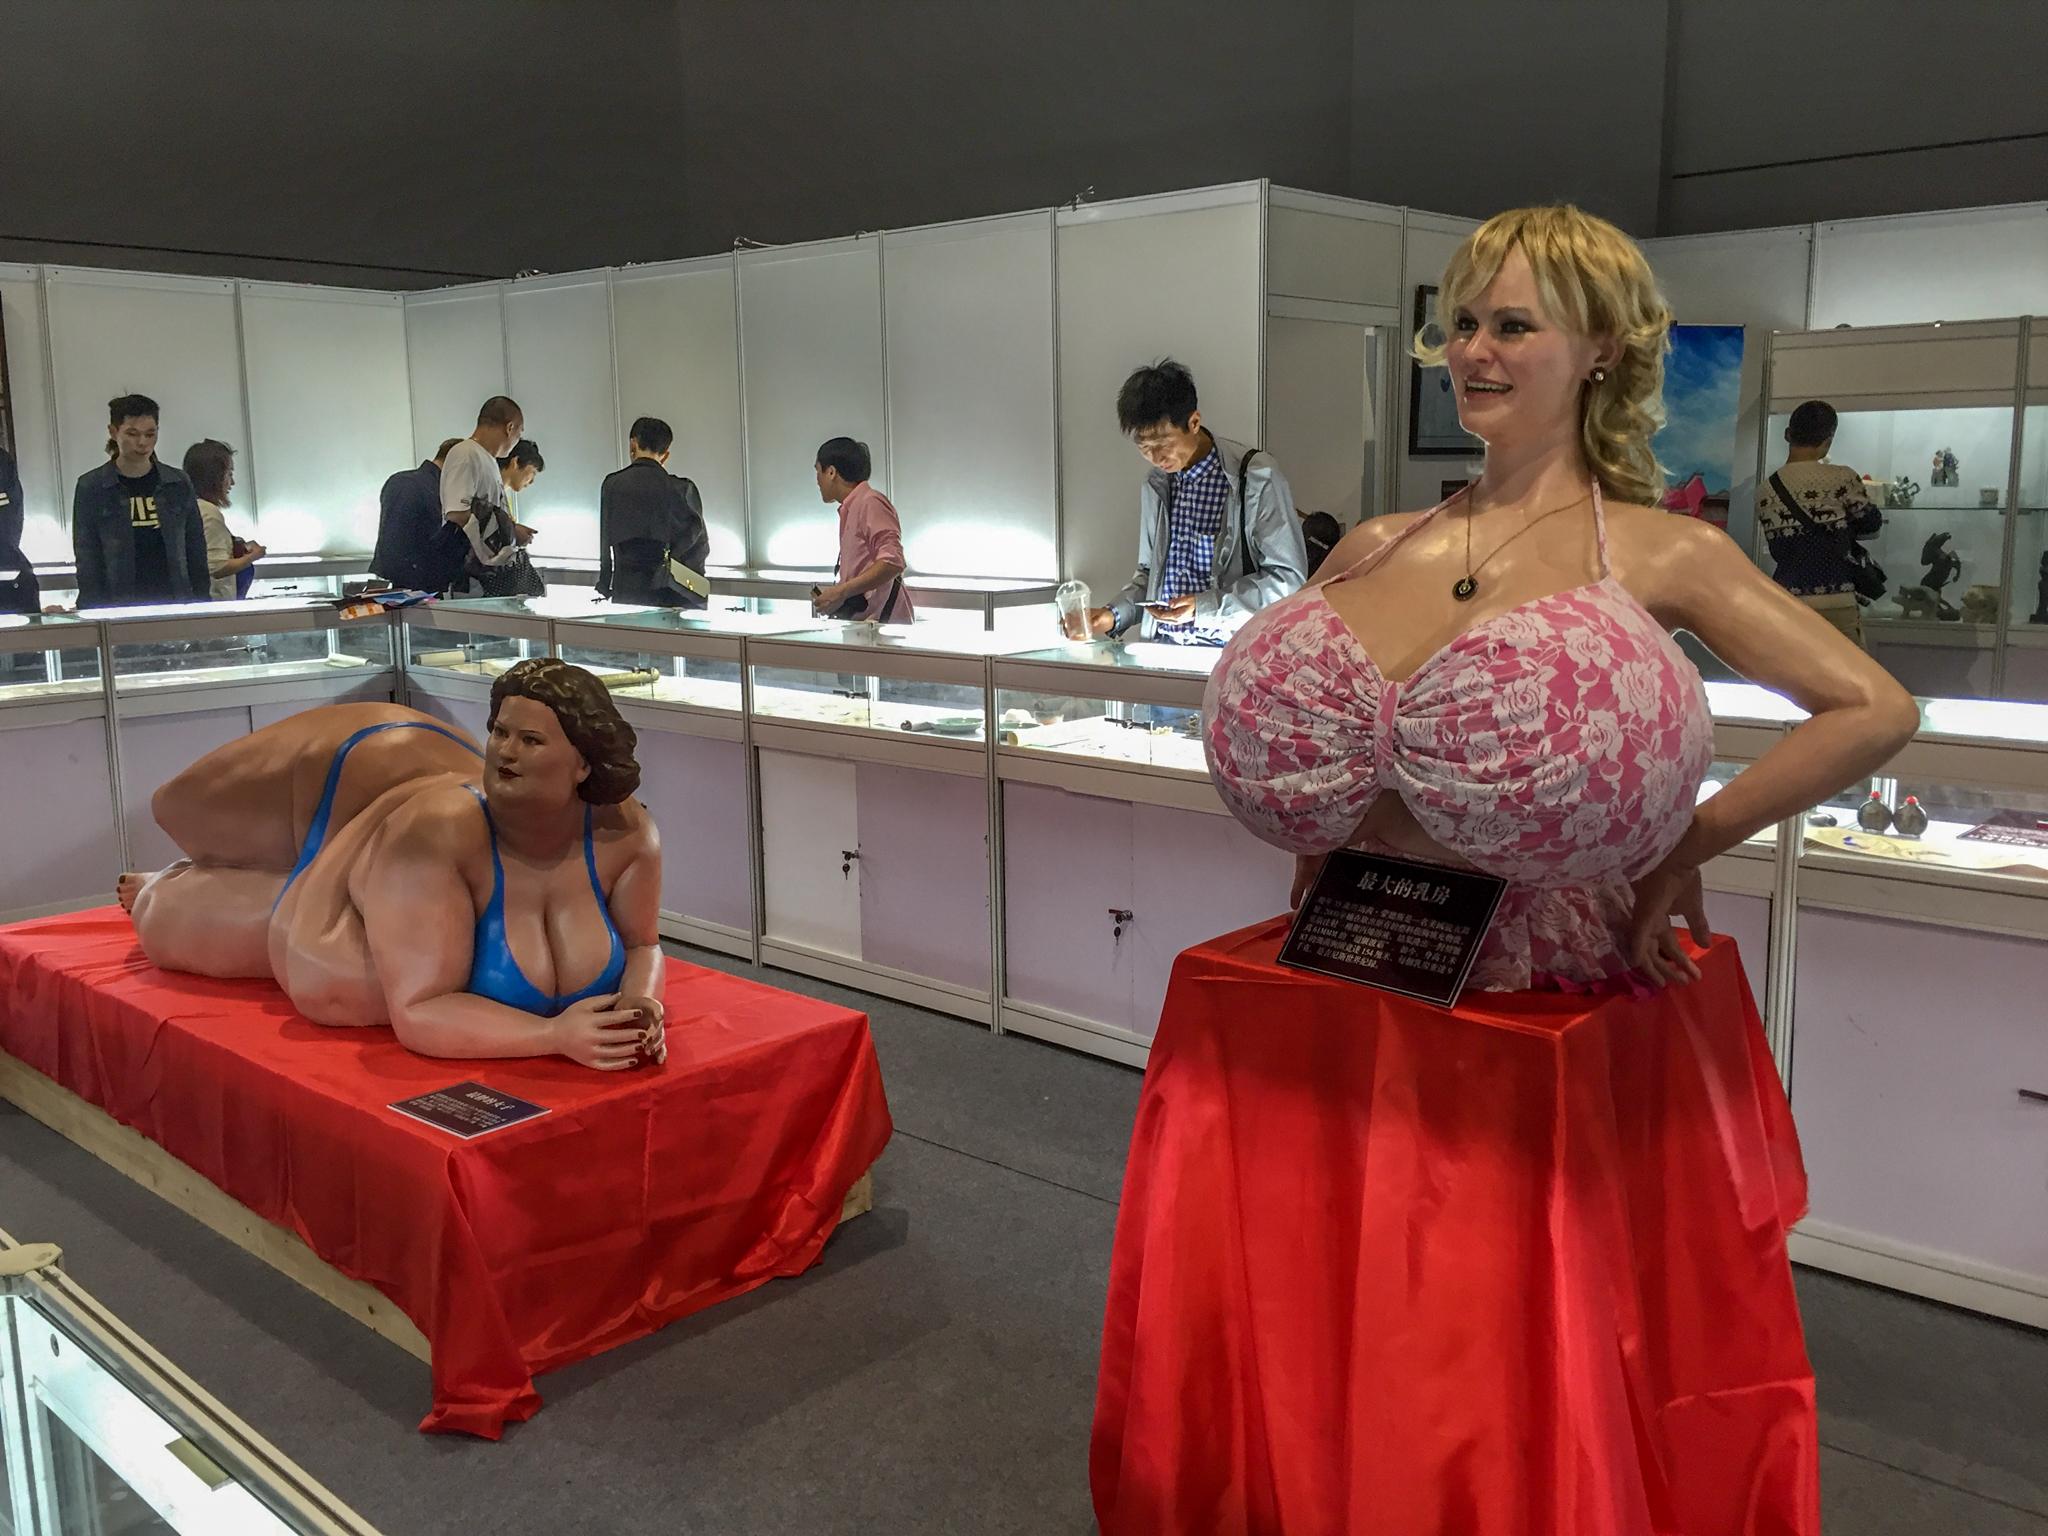 Выставочный стенд, посвященный секс-искусству